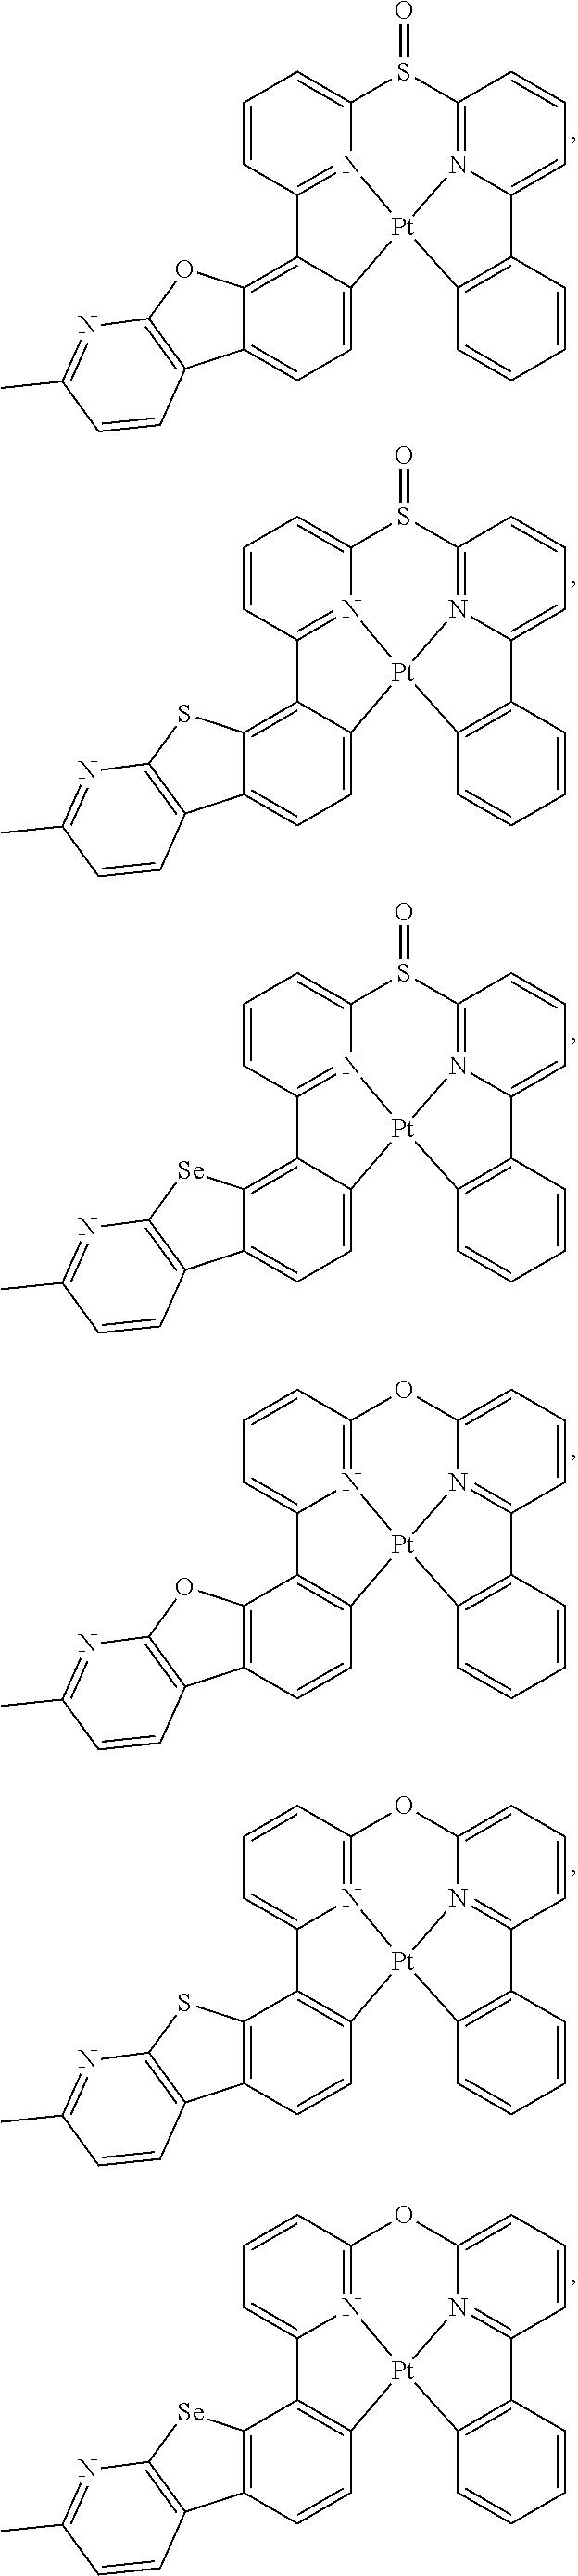 Figure US09871214-20180116-C00015